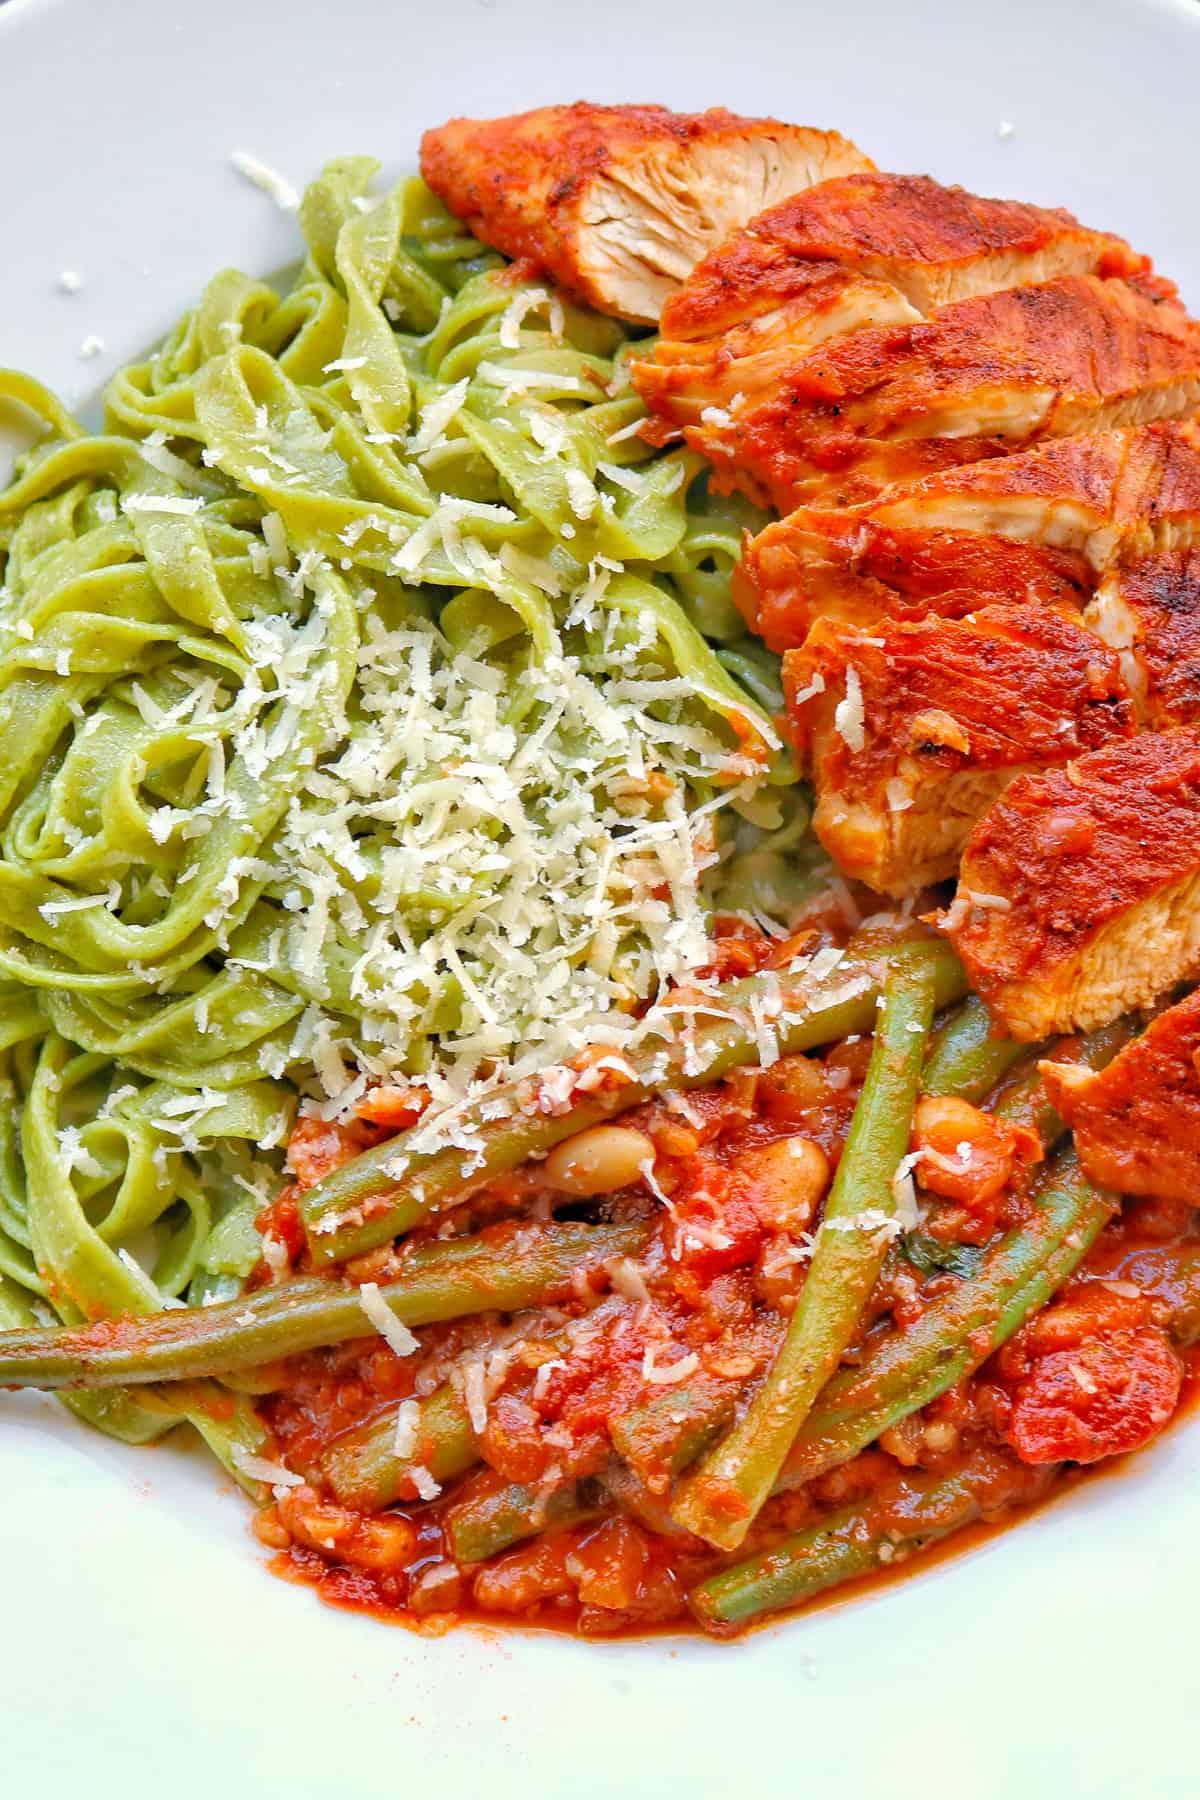 Ein Teller mit Putenbrust mit Bohnen in Tomatensoße. Dazu grüne Tagliatelle.